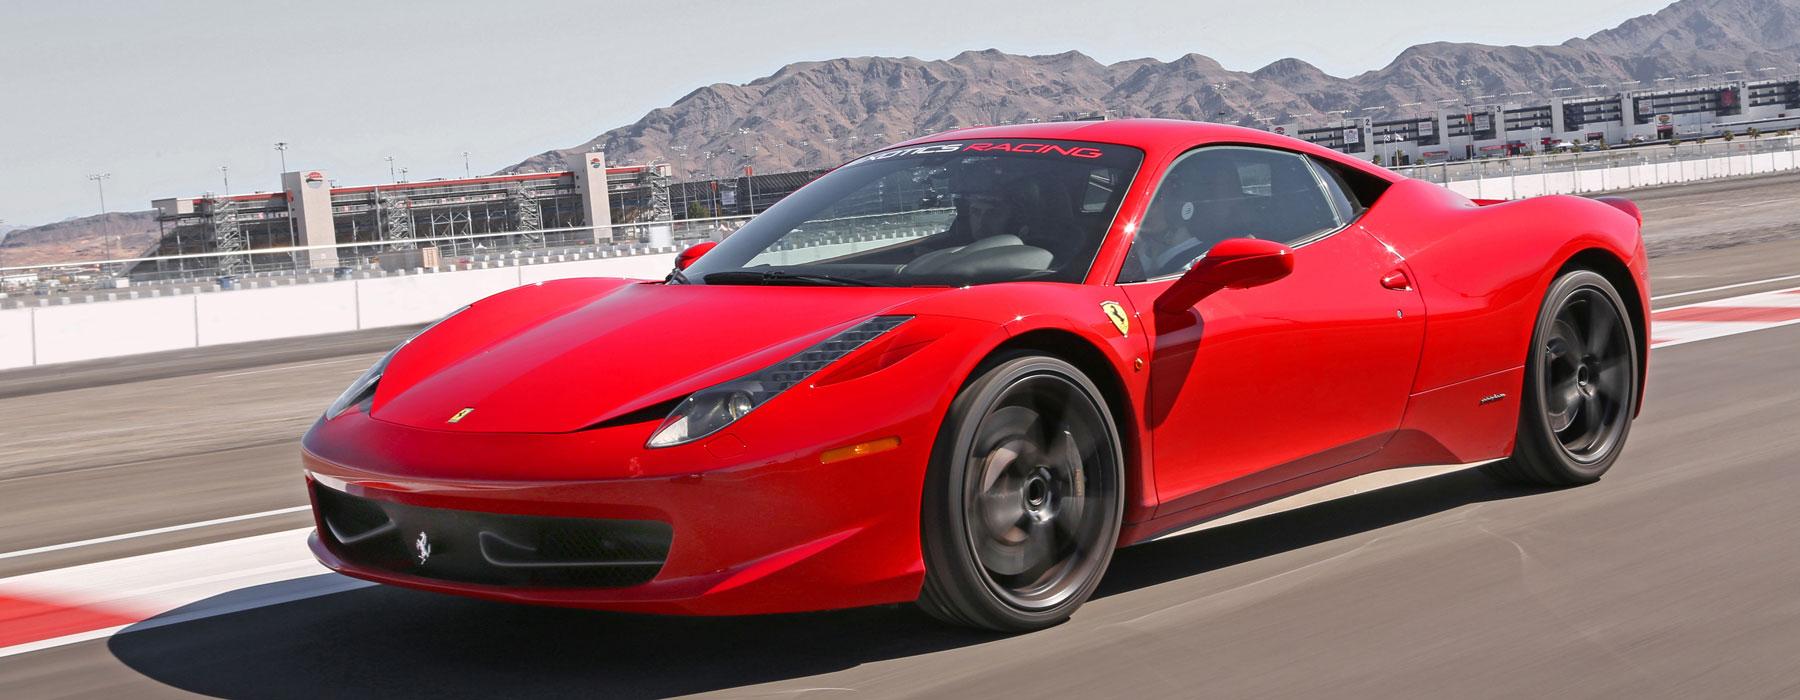 Drive a Ferrari 458 Italia On a Racetrack at Exotics Racing